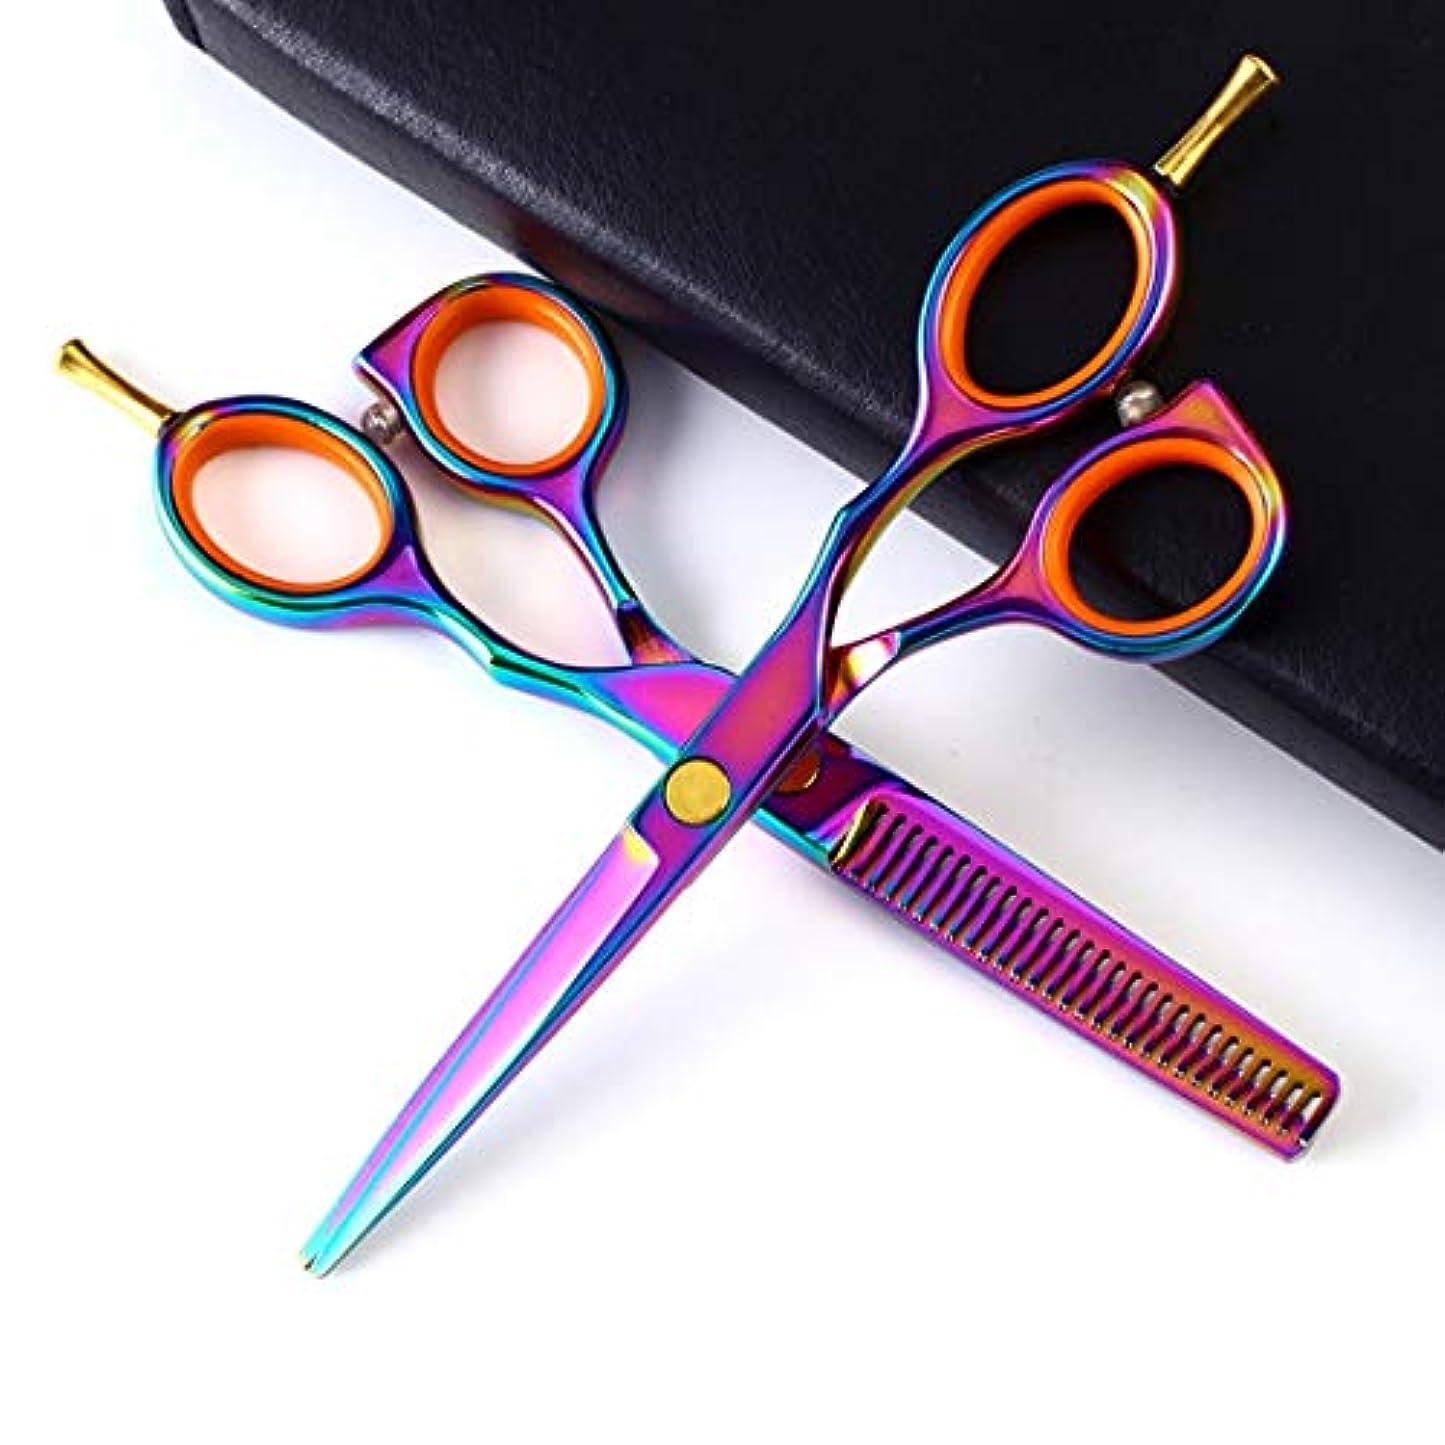 Jiaoran 5.5インチの毛の切断のはさみの専門のステンレス鋼のヘアカットのせん断の歯のはさみ+平らなはさみセット (Color : Colorful)